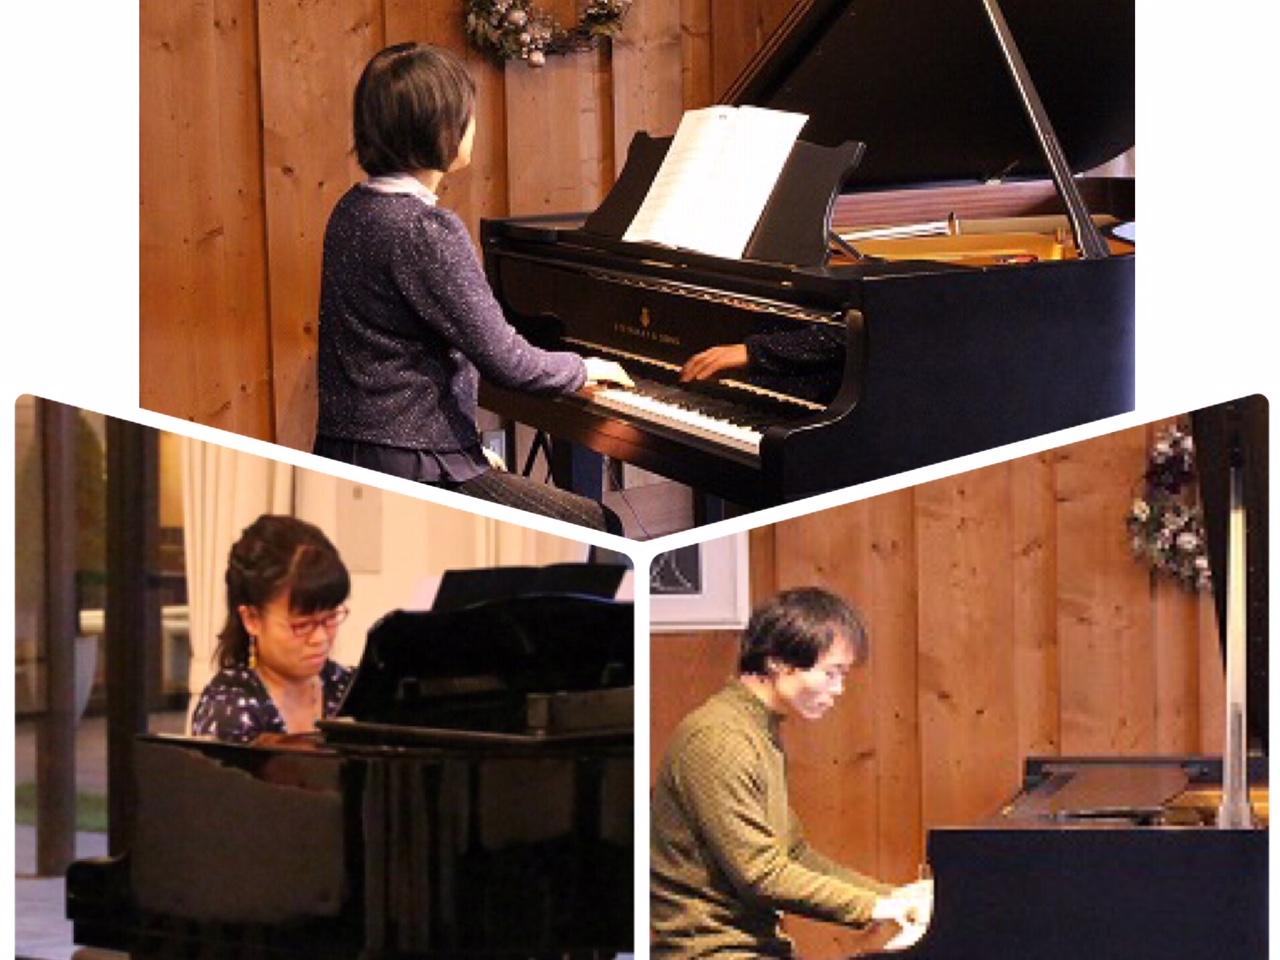 島村楽器 水戸 音楽教室 ピアノ教室 大人